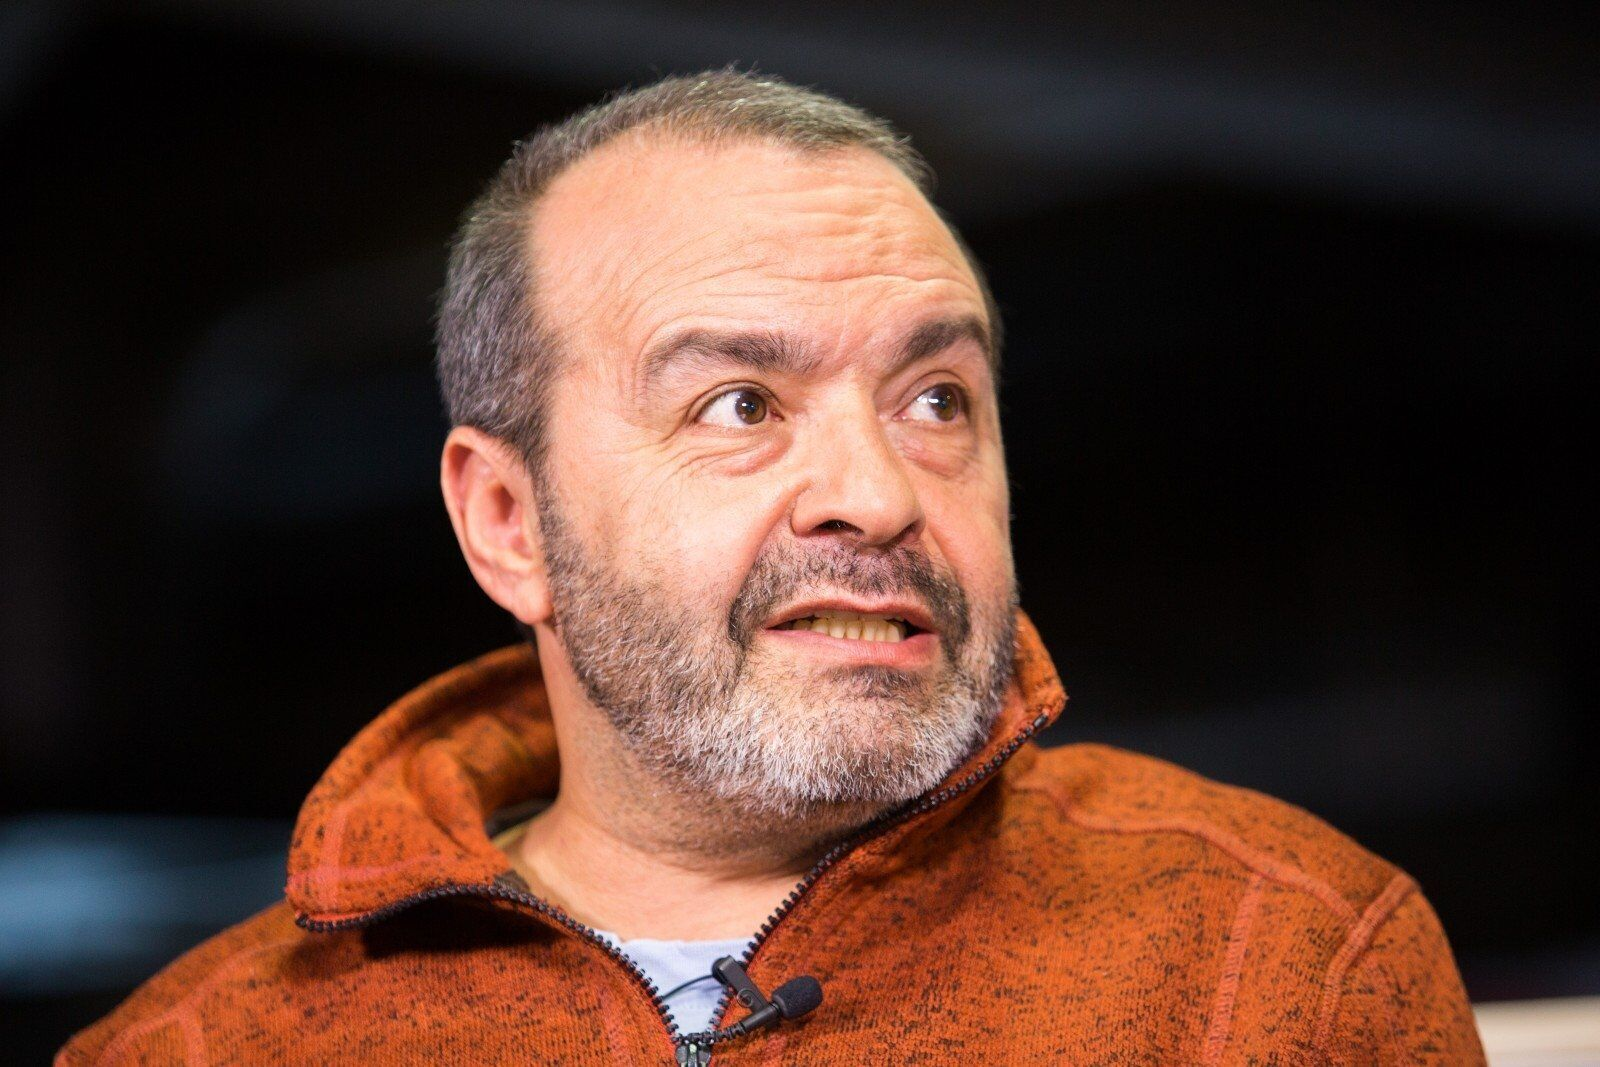 Виктор Шендерович рассказал о разнице в менталитете украинцев и россиян